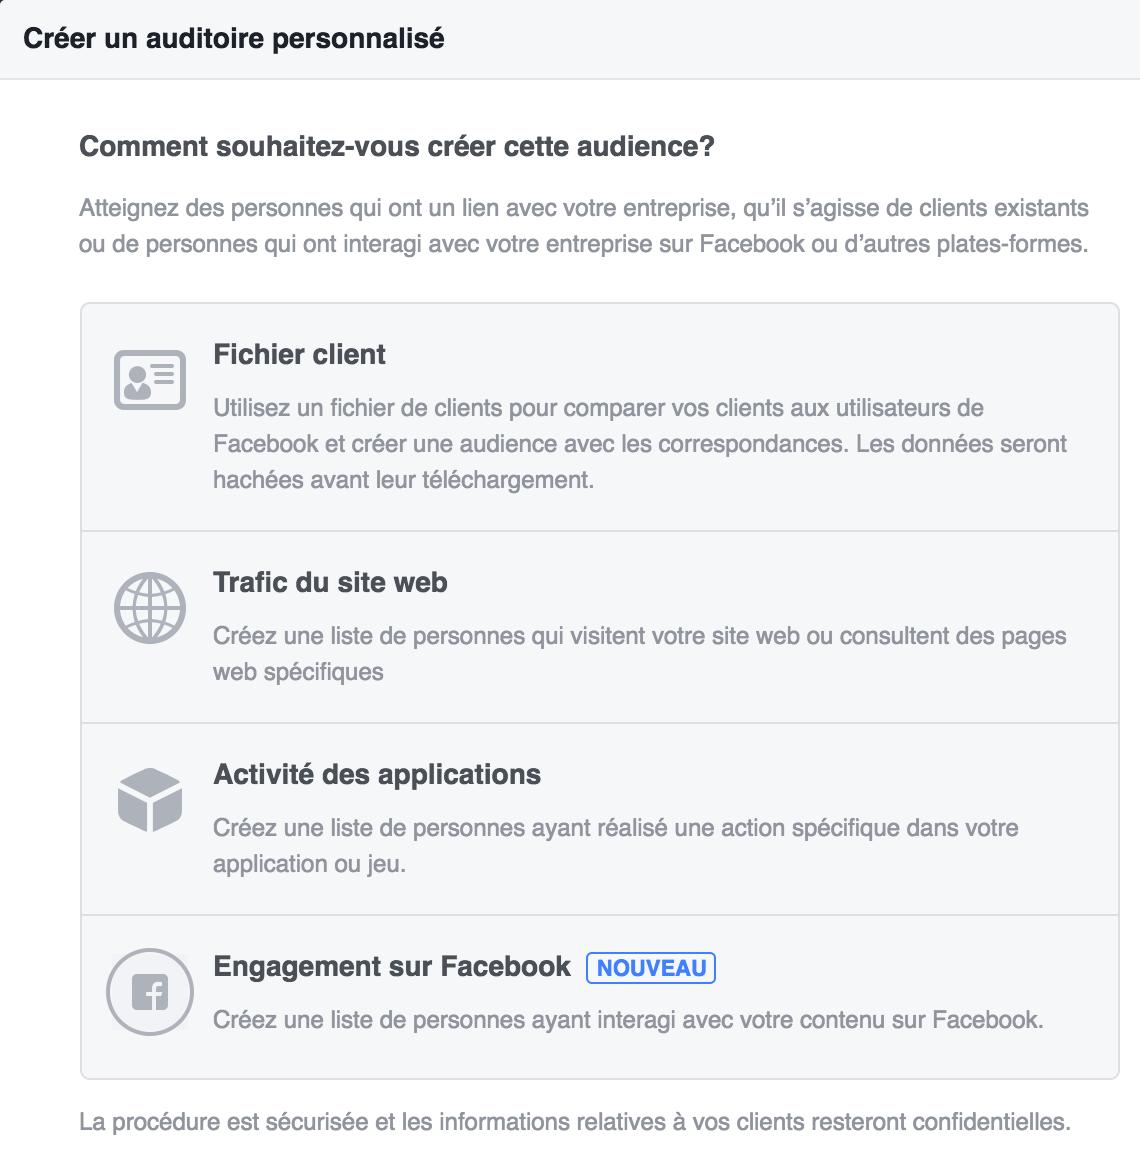 Définir une audience personnalisée sur Facebook